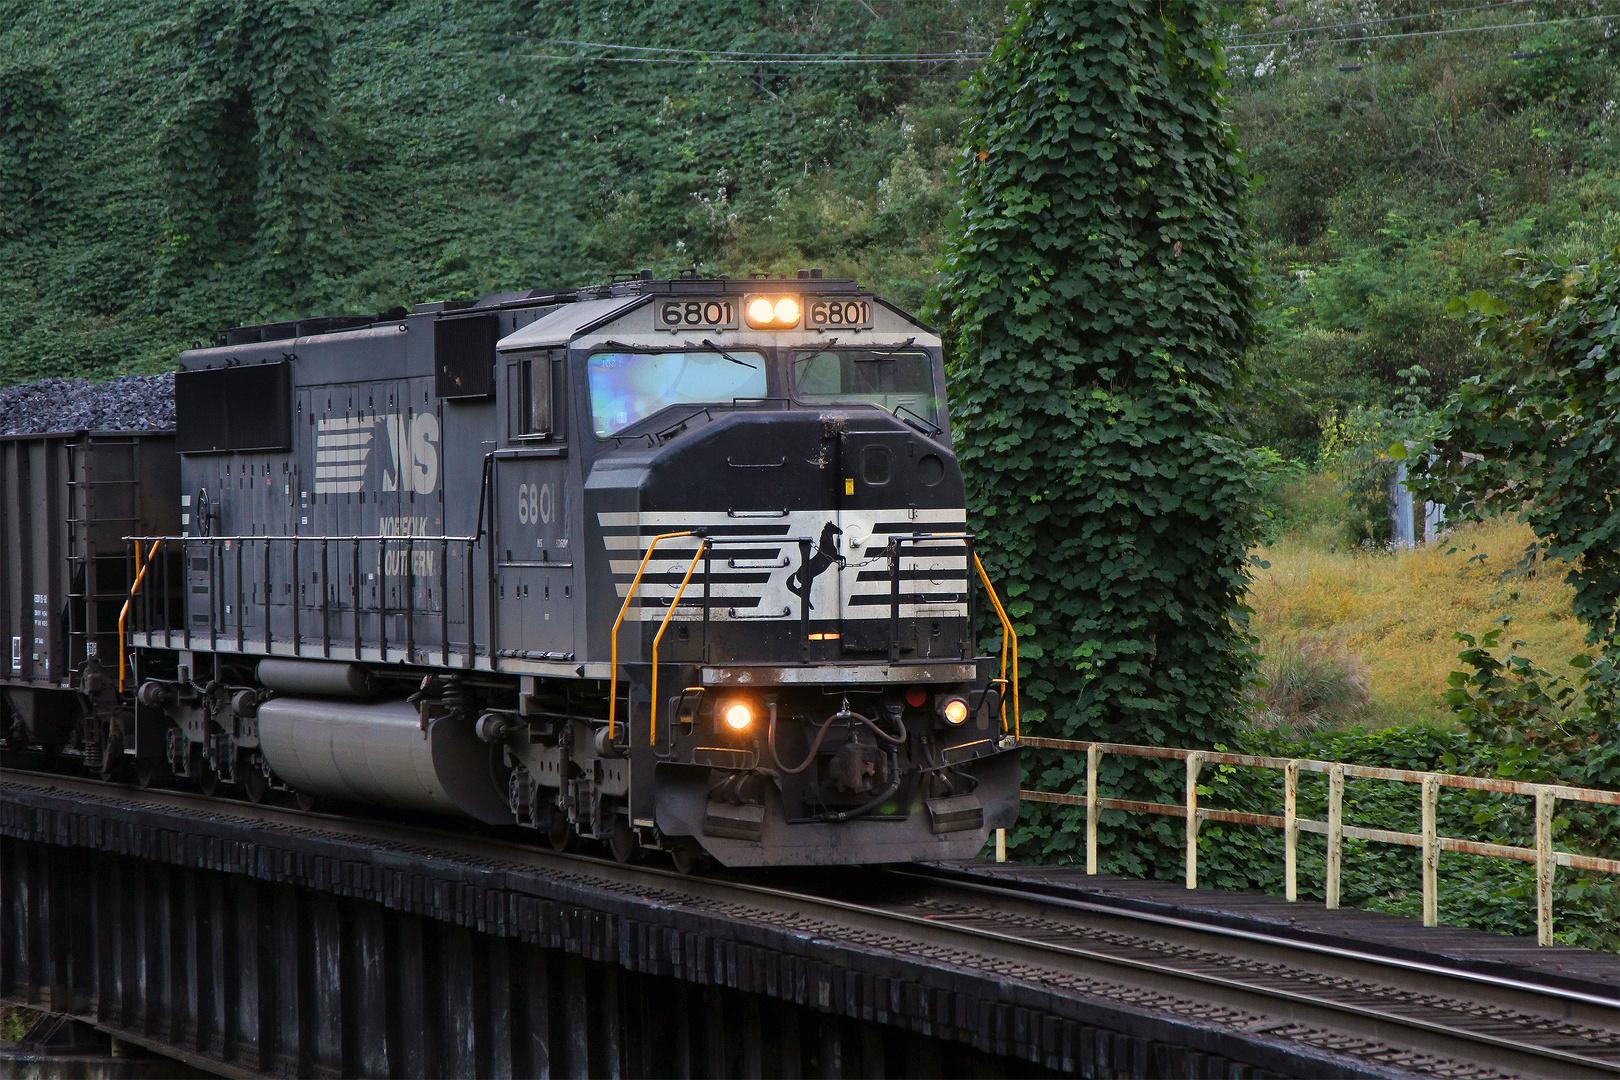 SD60M NS#6801 zieht einen Zug in den Yard von Weller, Kentucky, USA 2013